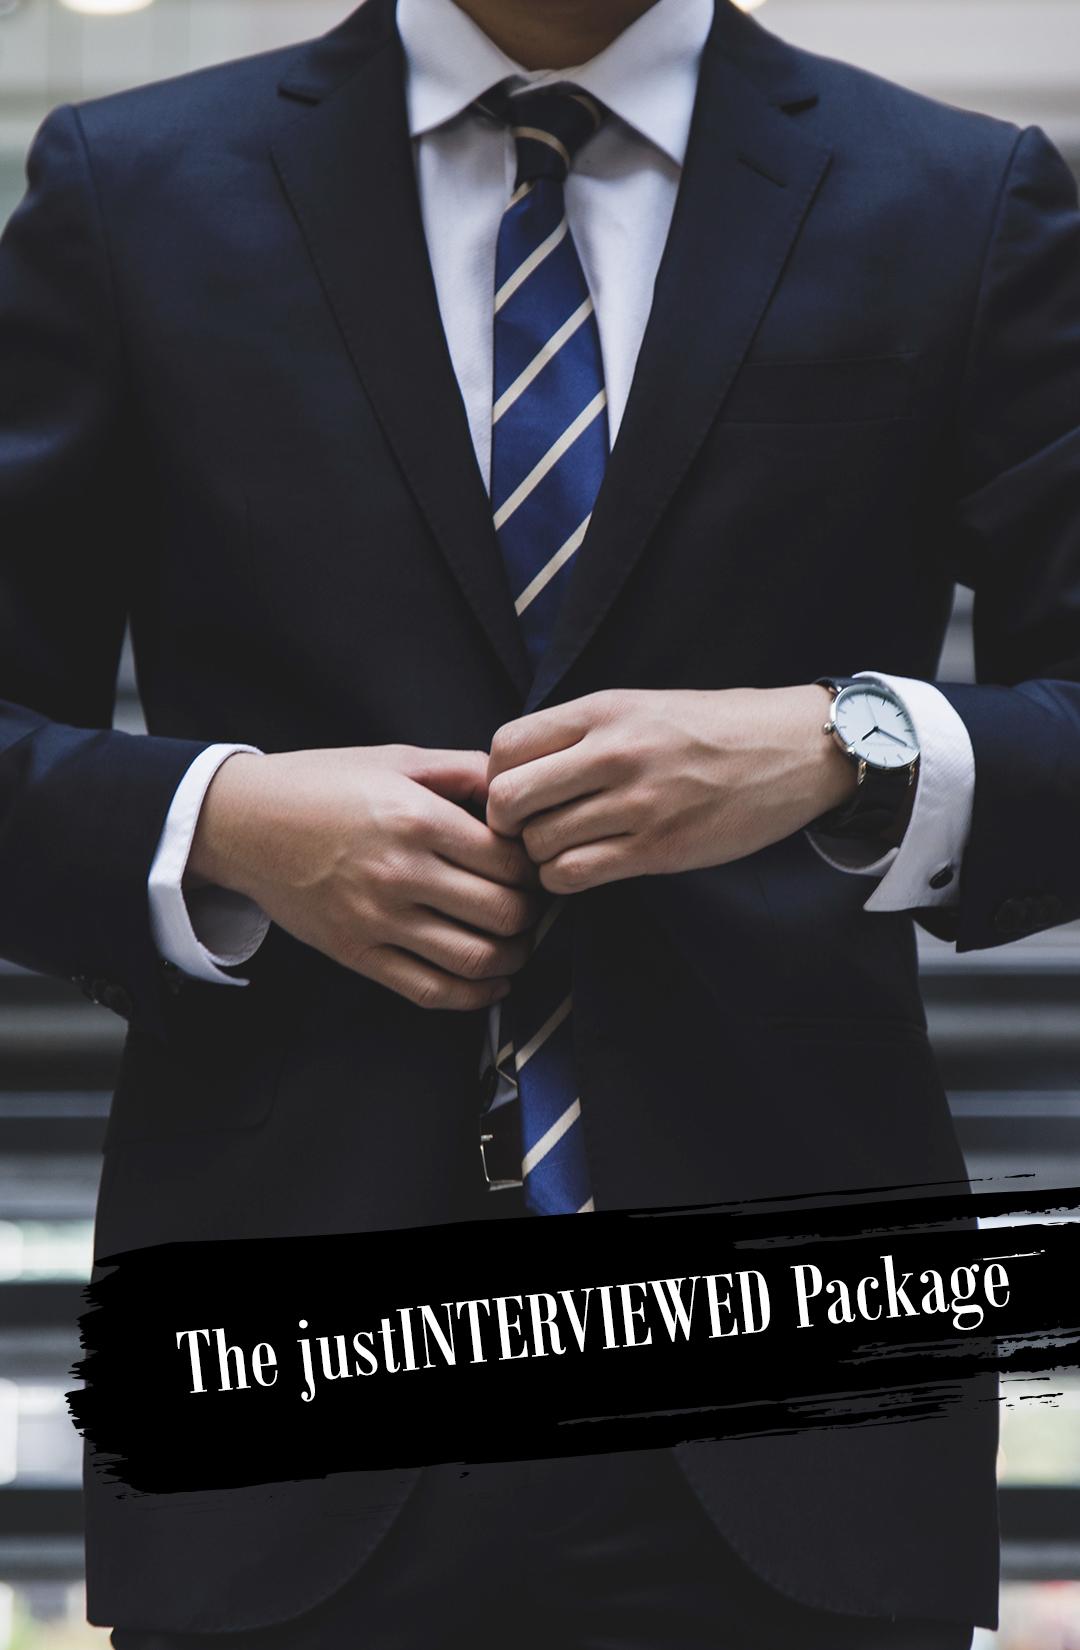 The justINTERVIEWED Package.jpg